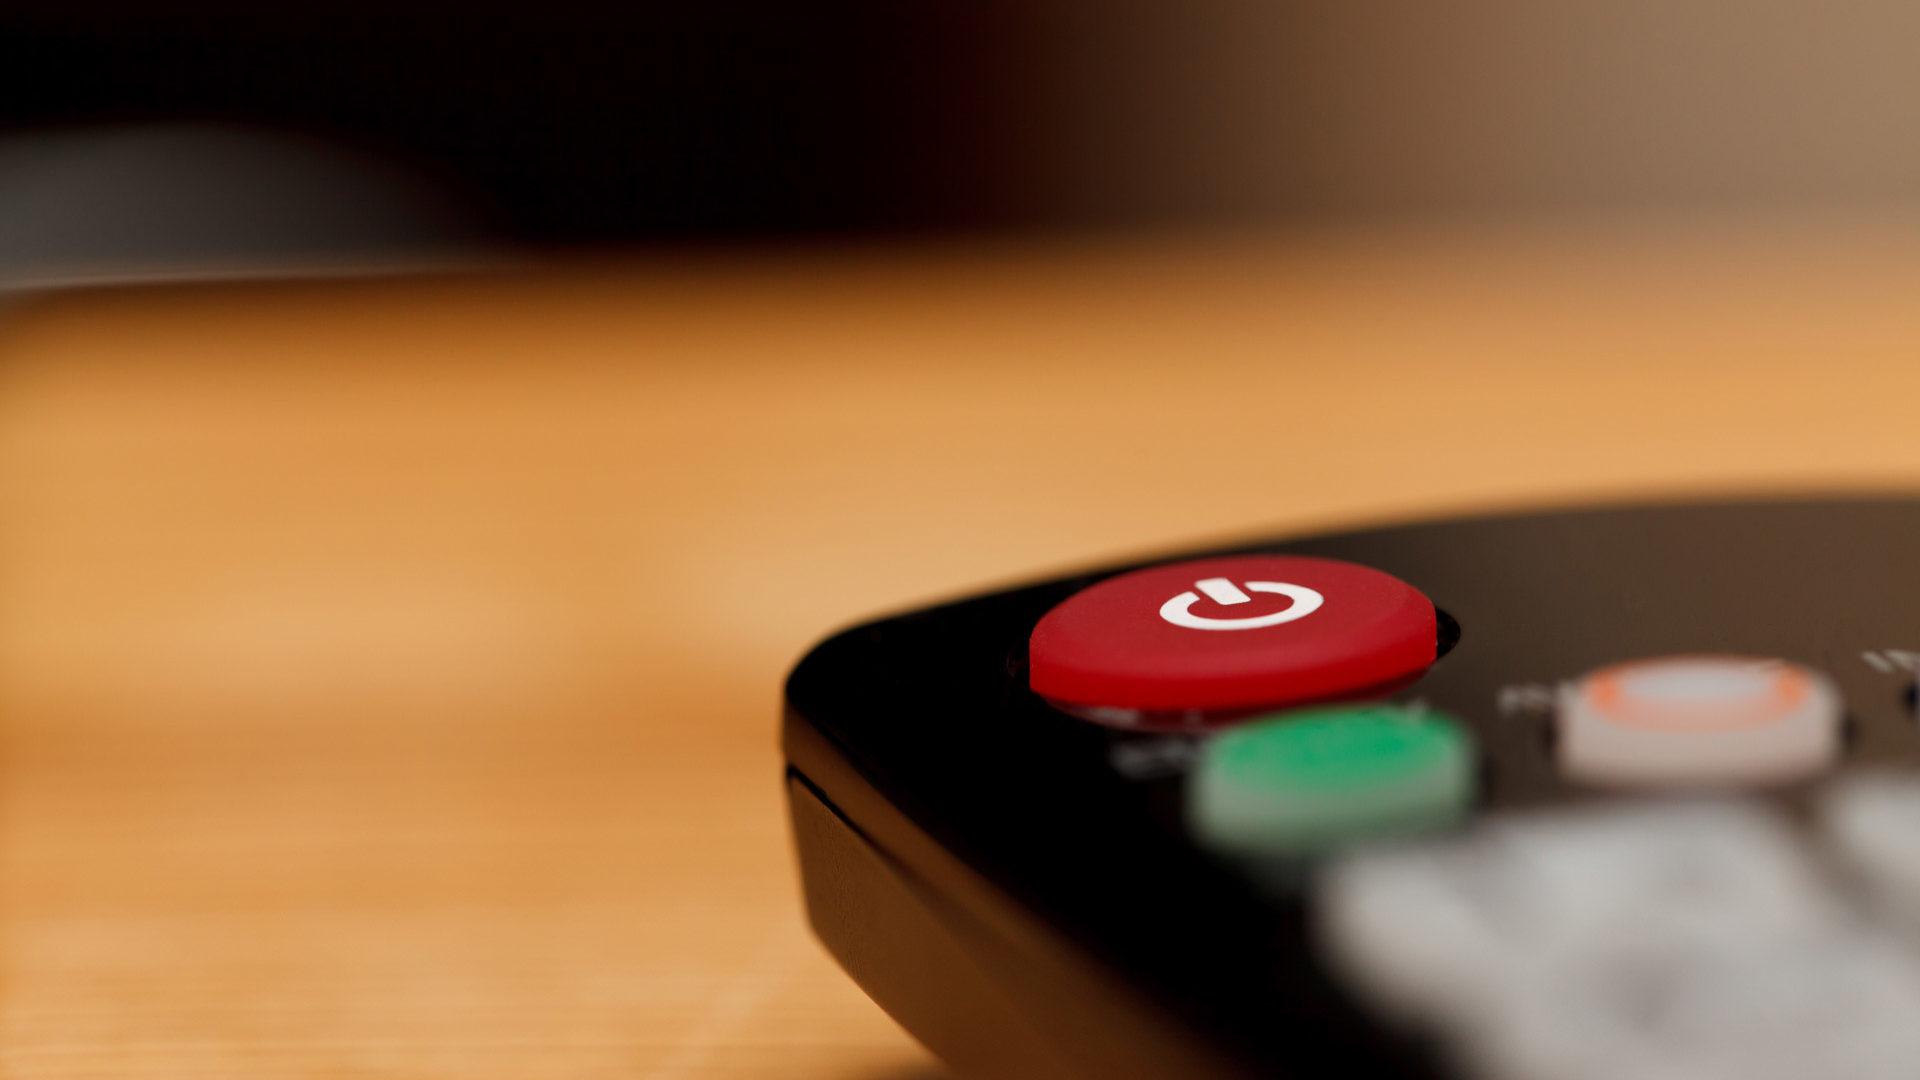 Quase 400 mil portugueses têm contratos com fornecedores de TV ilegais